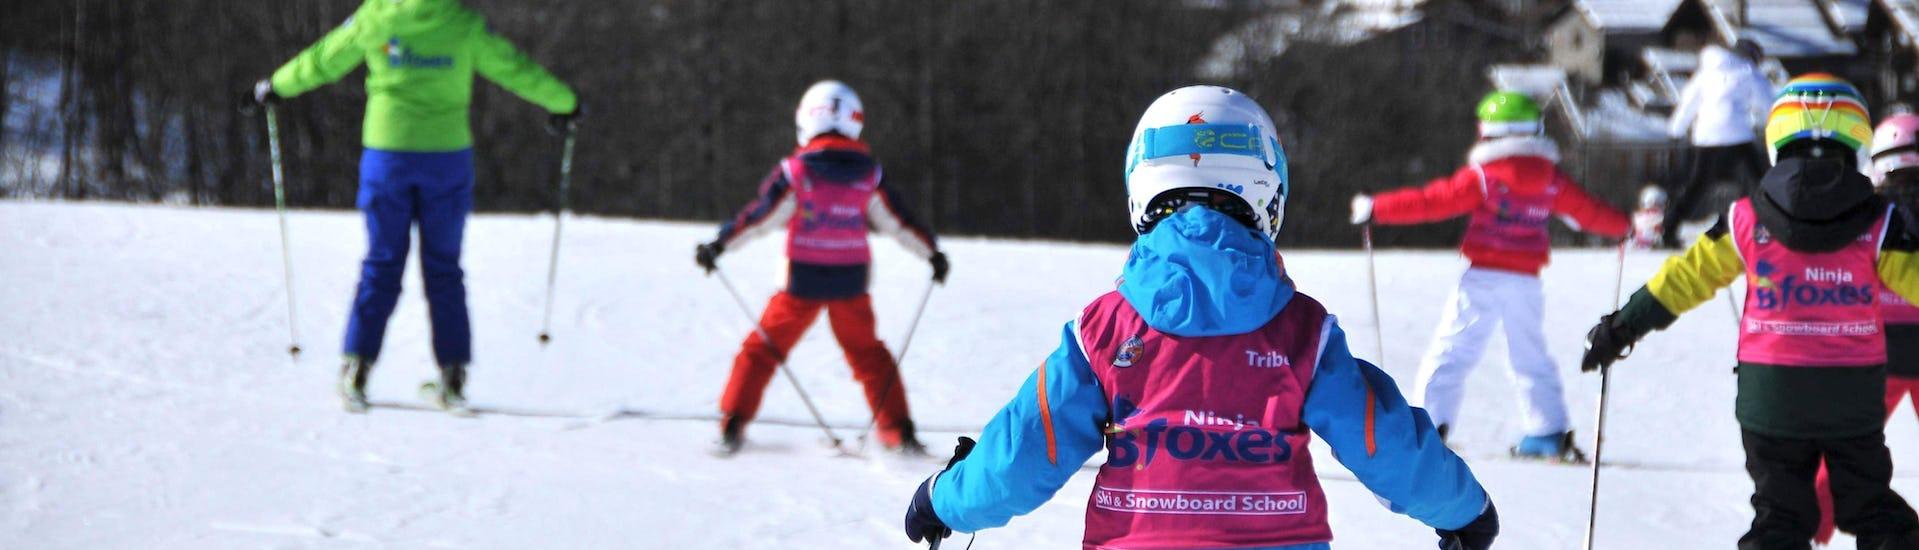 Kinder haben Spaß beim Skifahren im Kinder Skikurs (4-12 J.) - Alle Levels angeboten von der Skischule Scuola di Sci B.foxes.